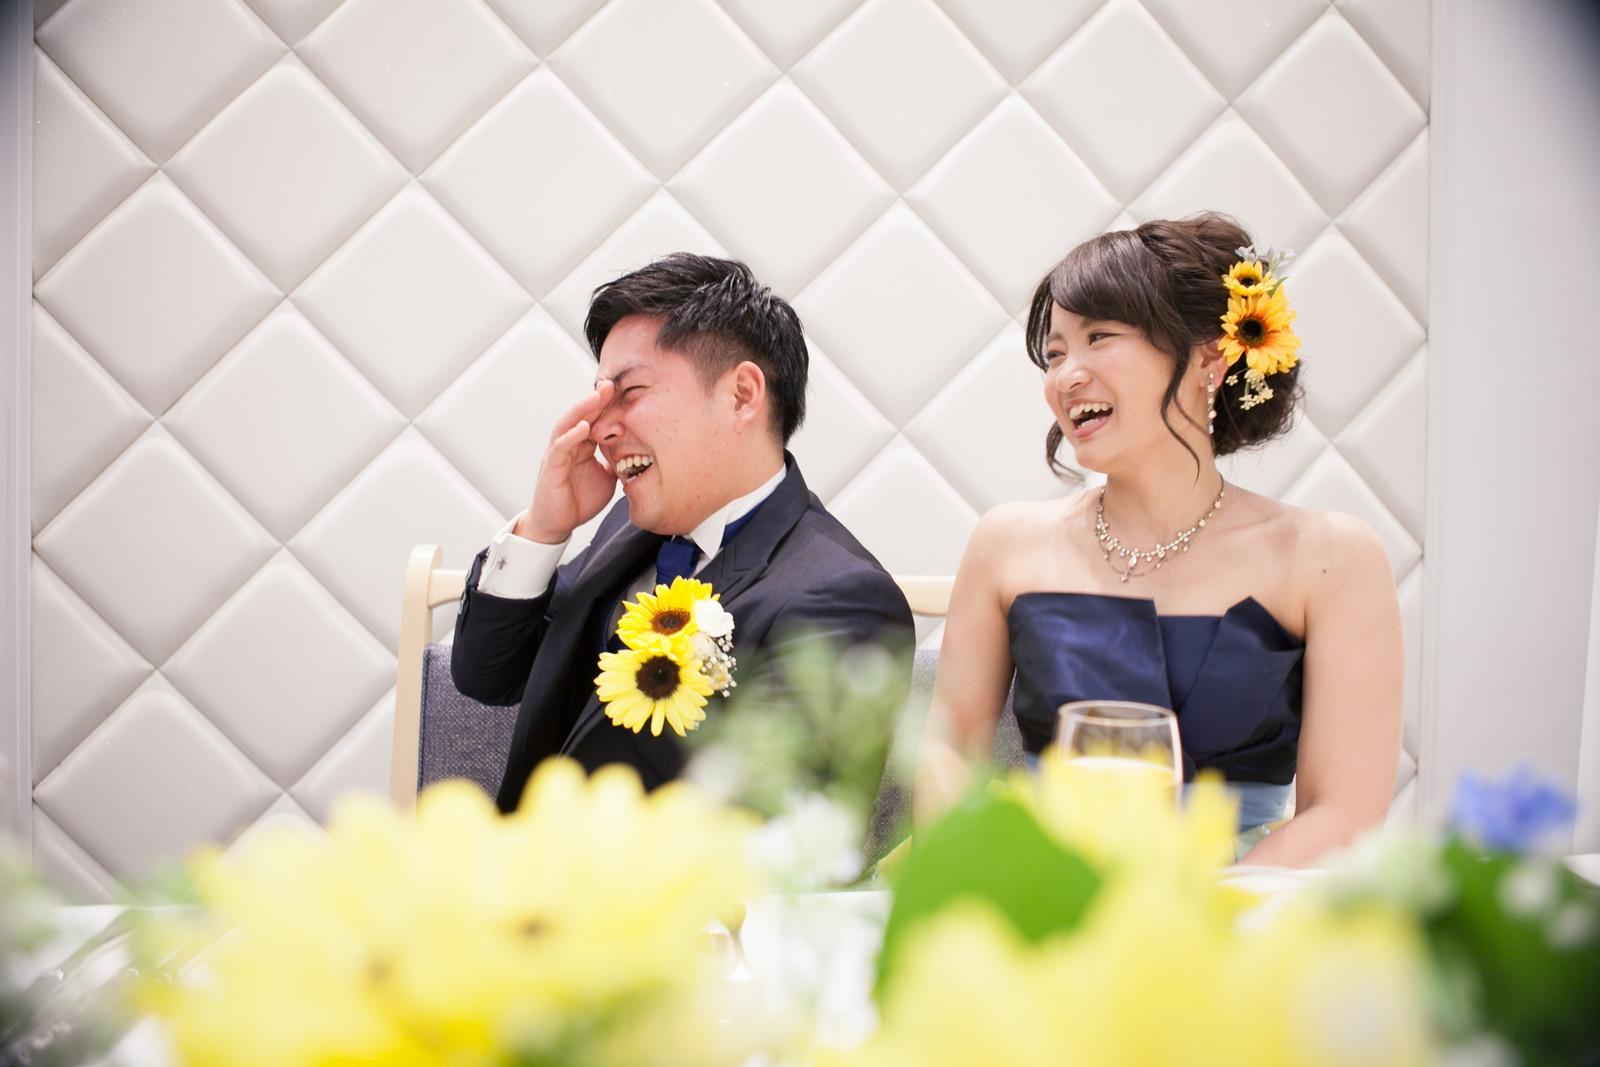 香川県の結婚式場シェルエメール&アイスタイルの友人スピーチ